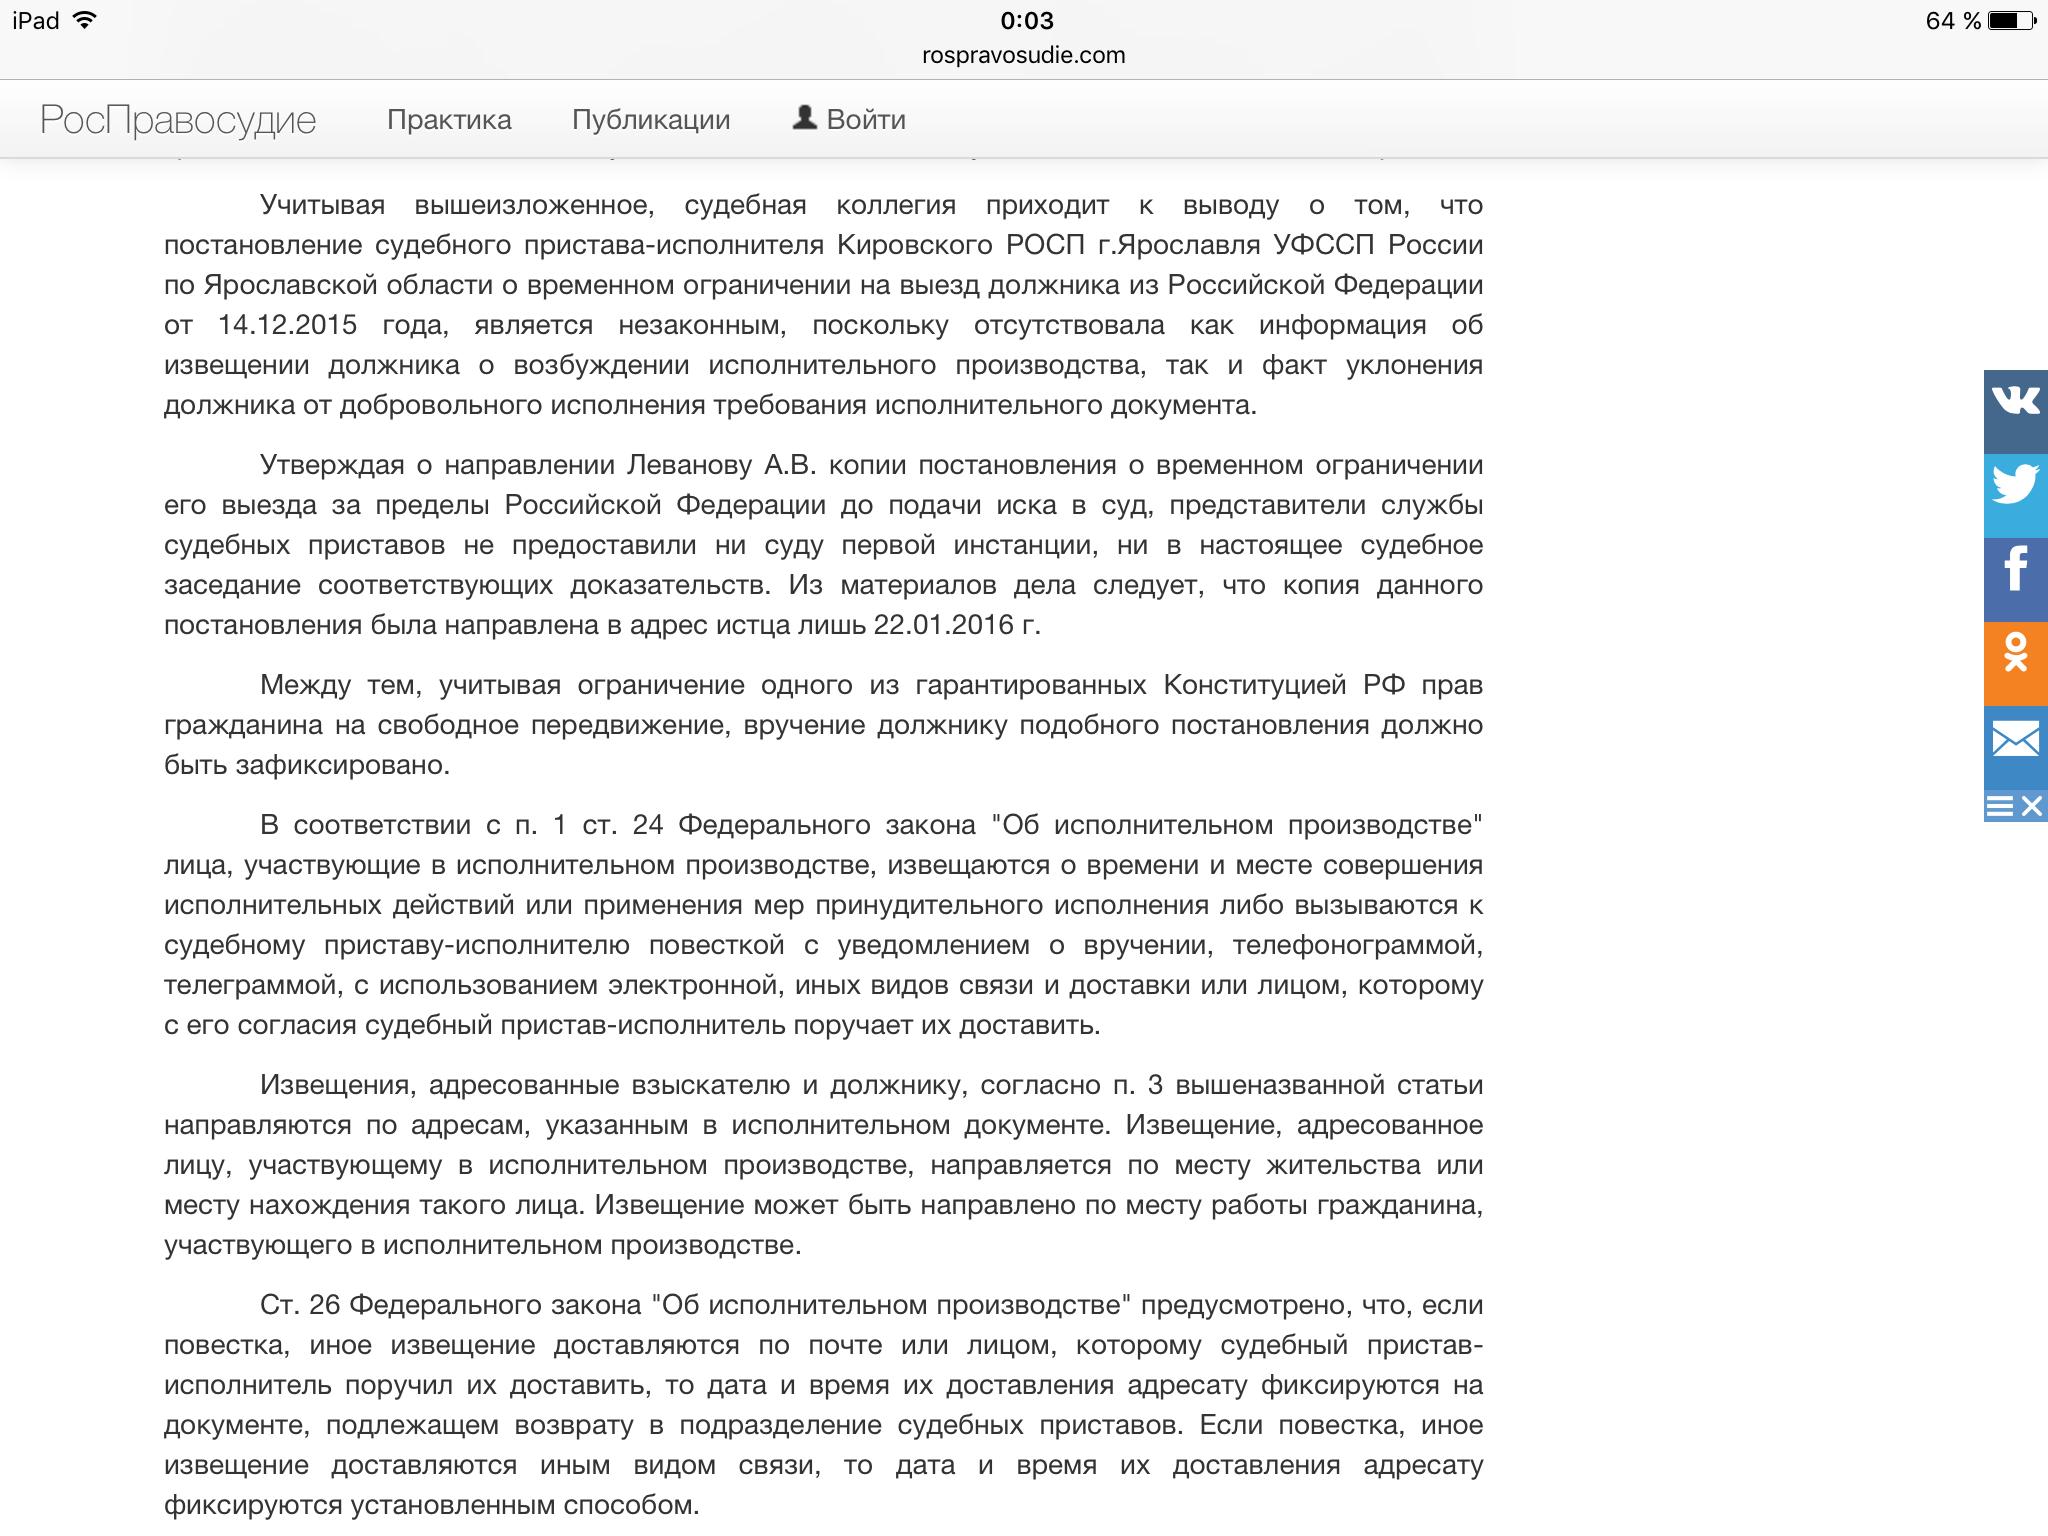 звания обоих как выехать из россии должнику 2015 Википедии свободной энциклопедии